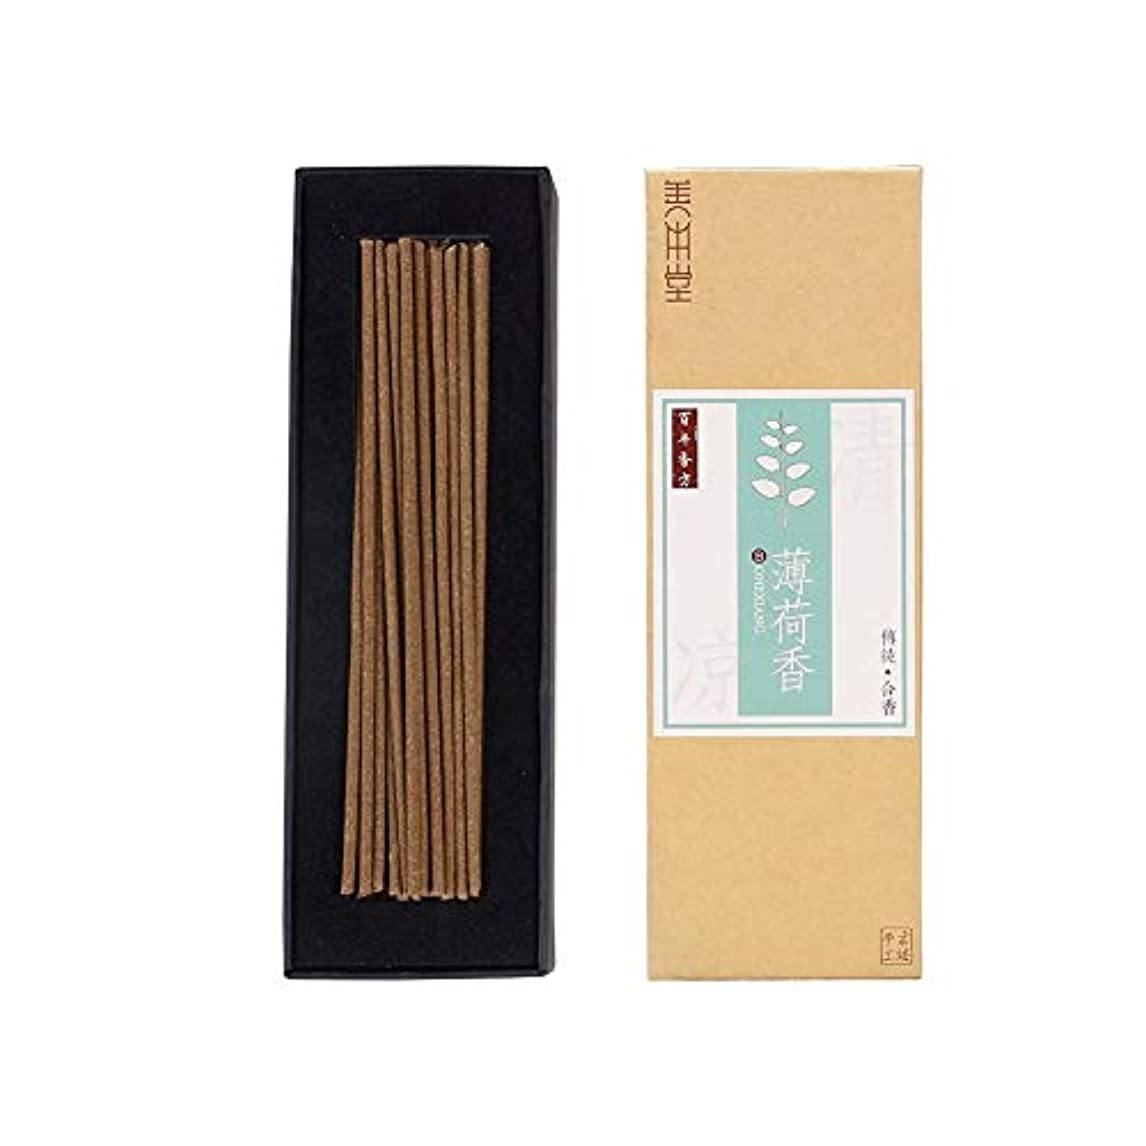 運命家事絵shanbentang Incense Sticks Classical Chinese Incense、古代の知恵、アロマの千年前、ミント味( 5.5in ) 5.5in ブラウン